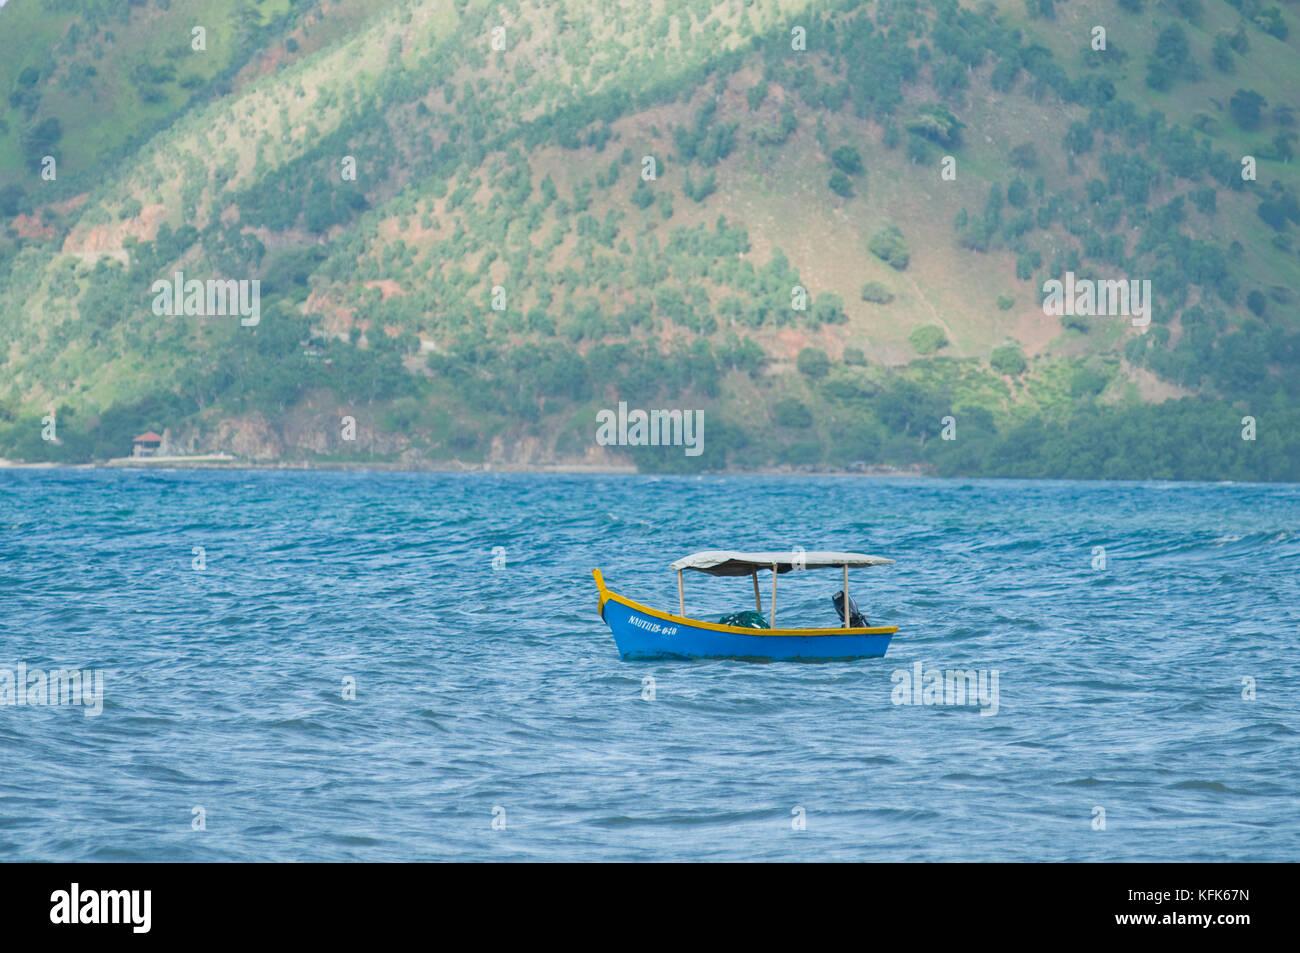 Bateau de pêche à Dili, Timor-Leste (Timor oriental) Banque D'Images